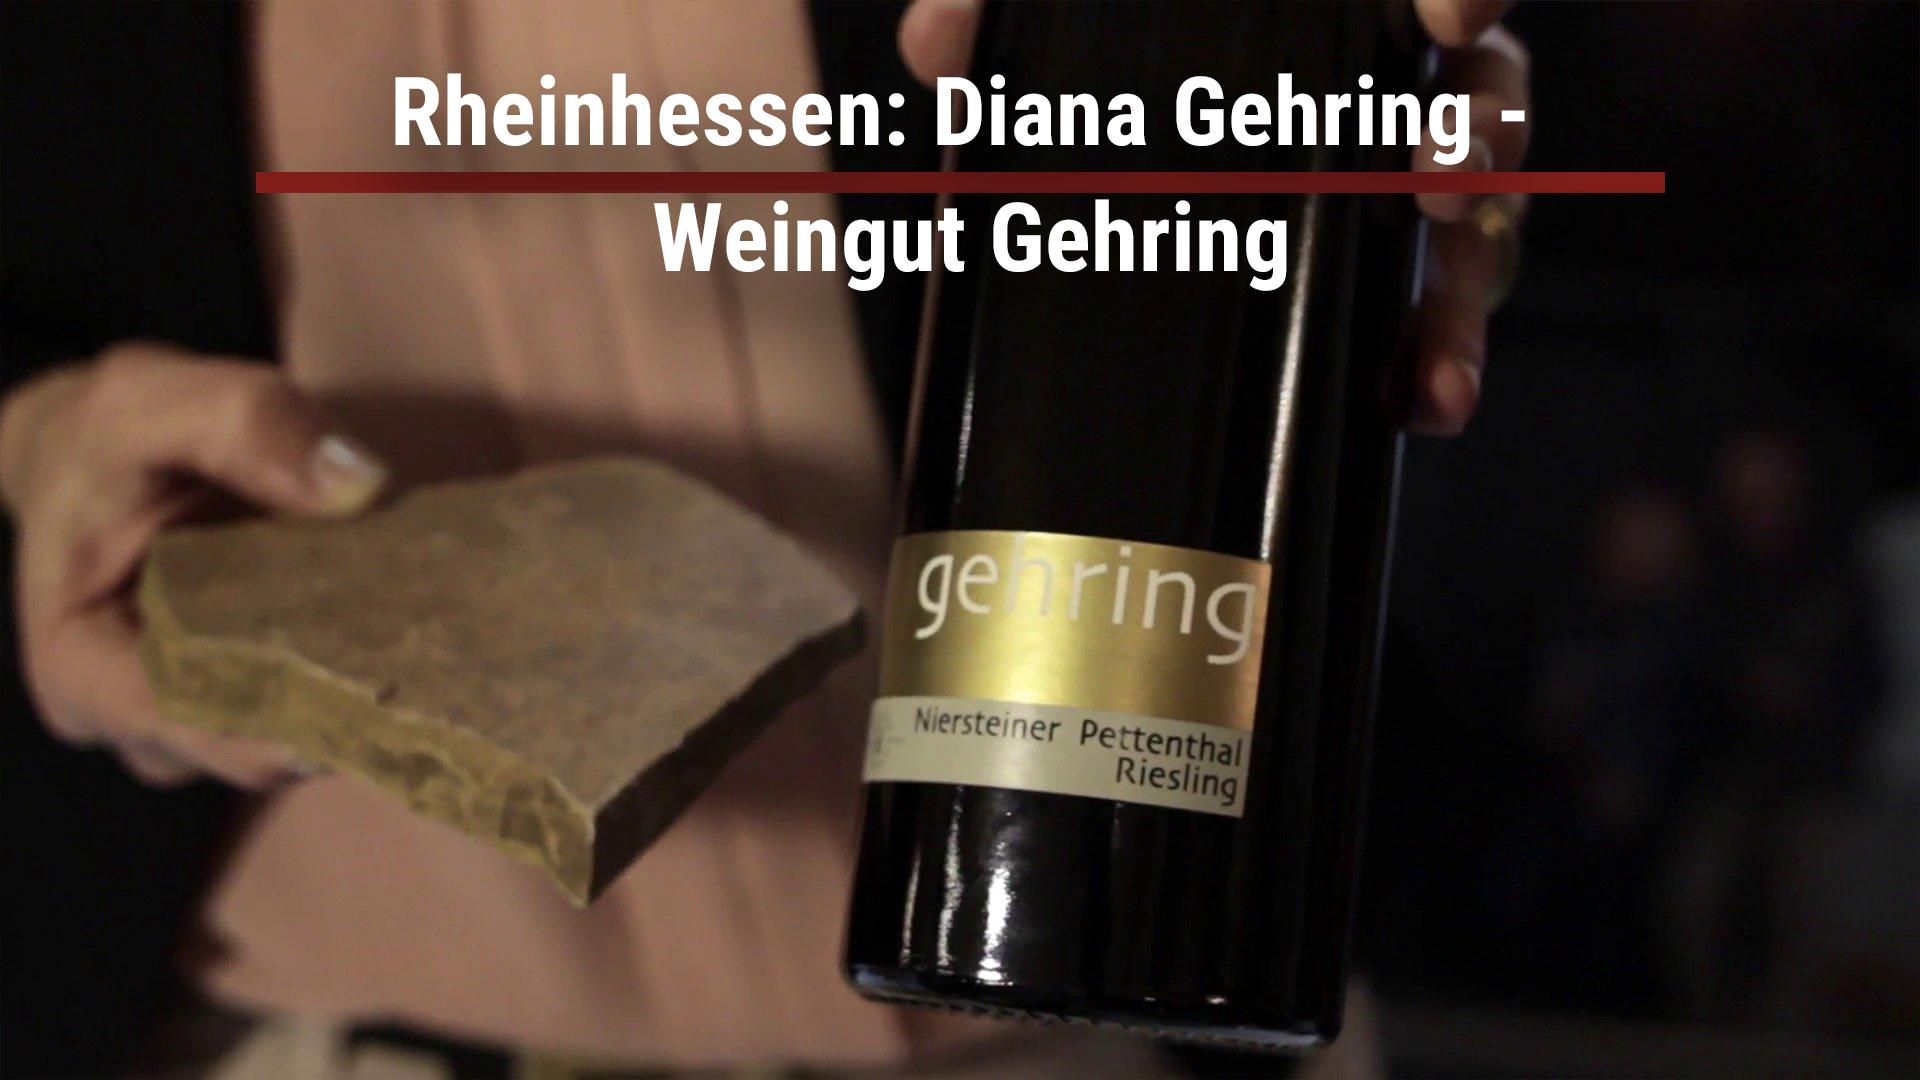 Rheinhessen: Diana Gehring – Weingut Gehring